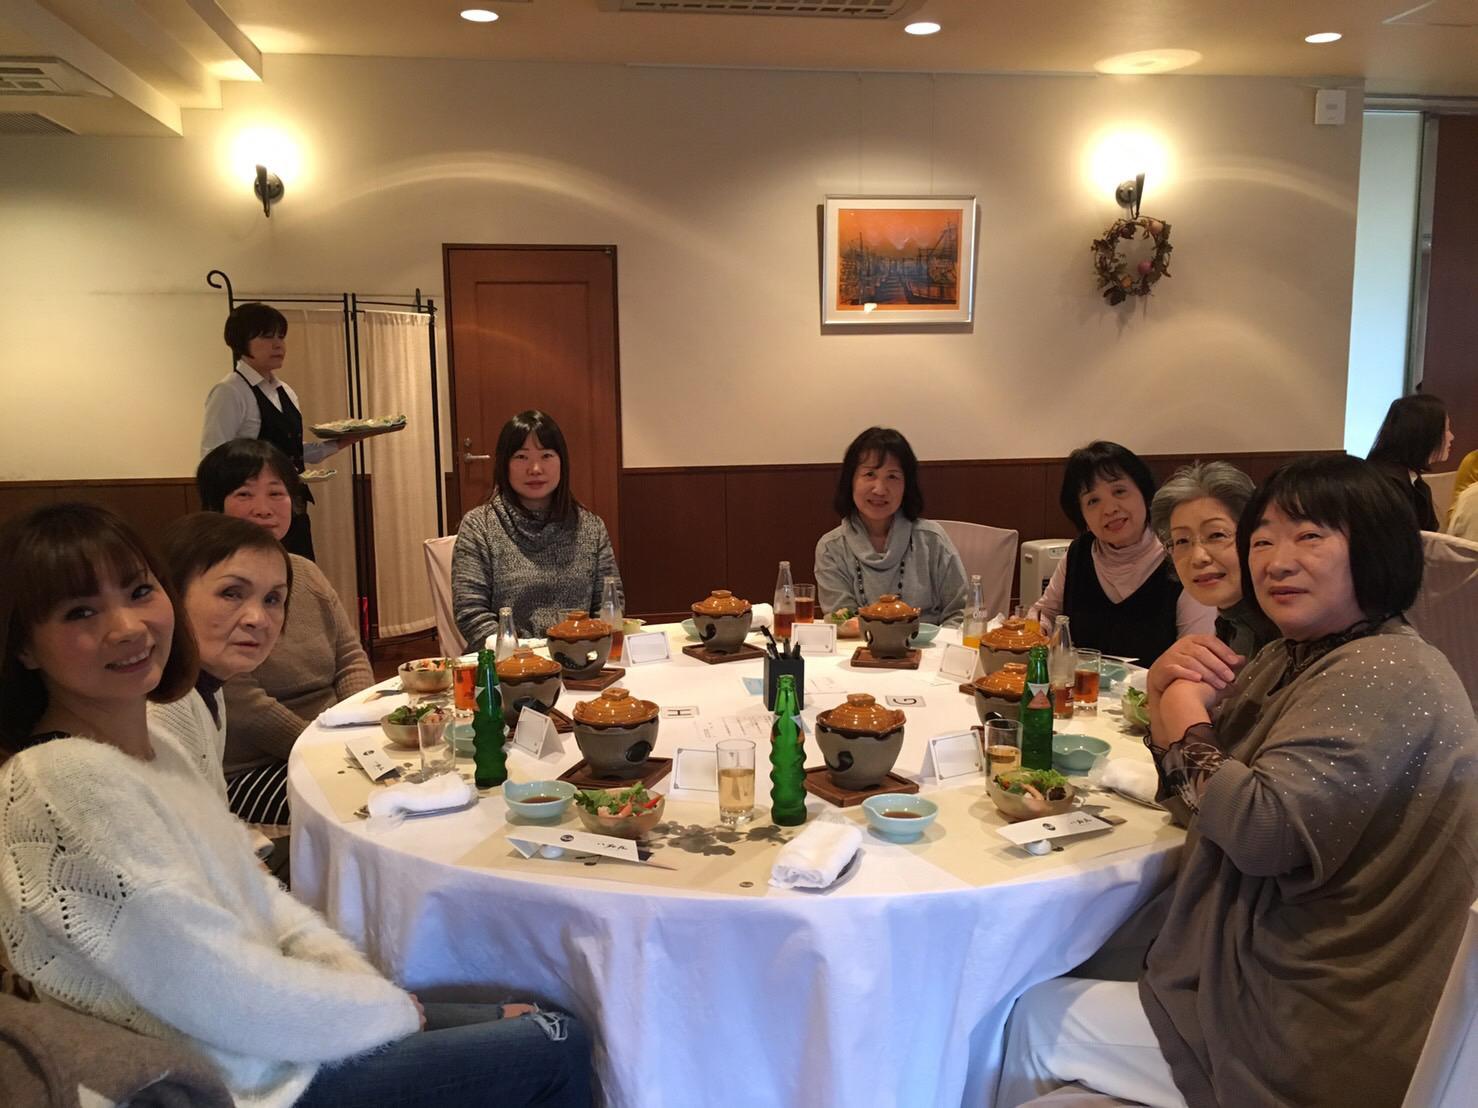 【ランチ会】第2回・第3回 冬のちょっと贅沢ランチ会を開催しました